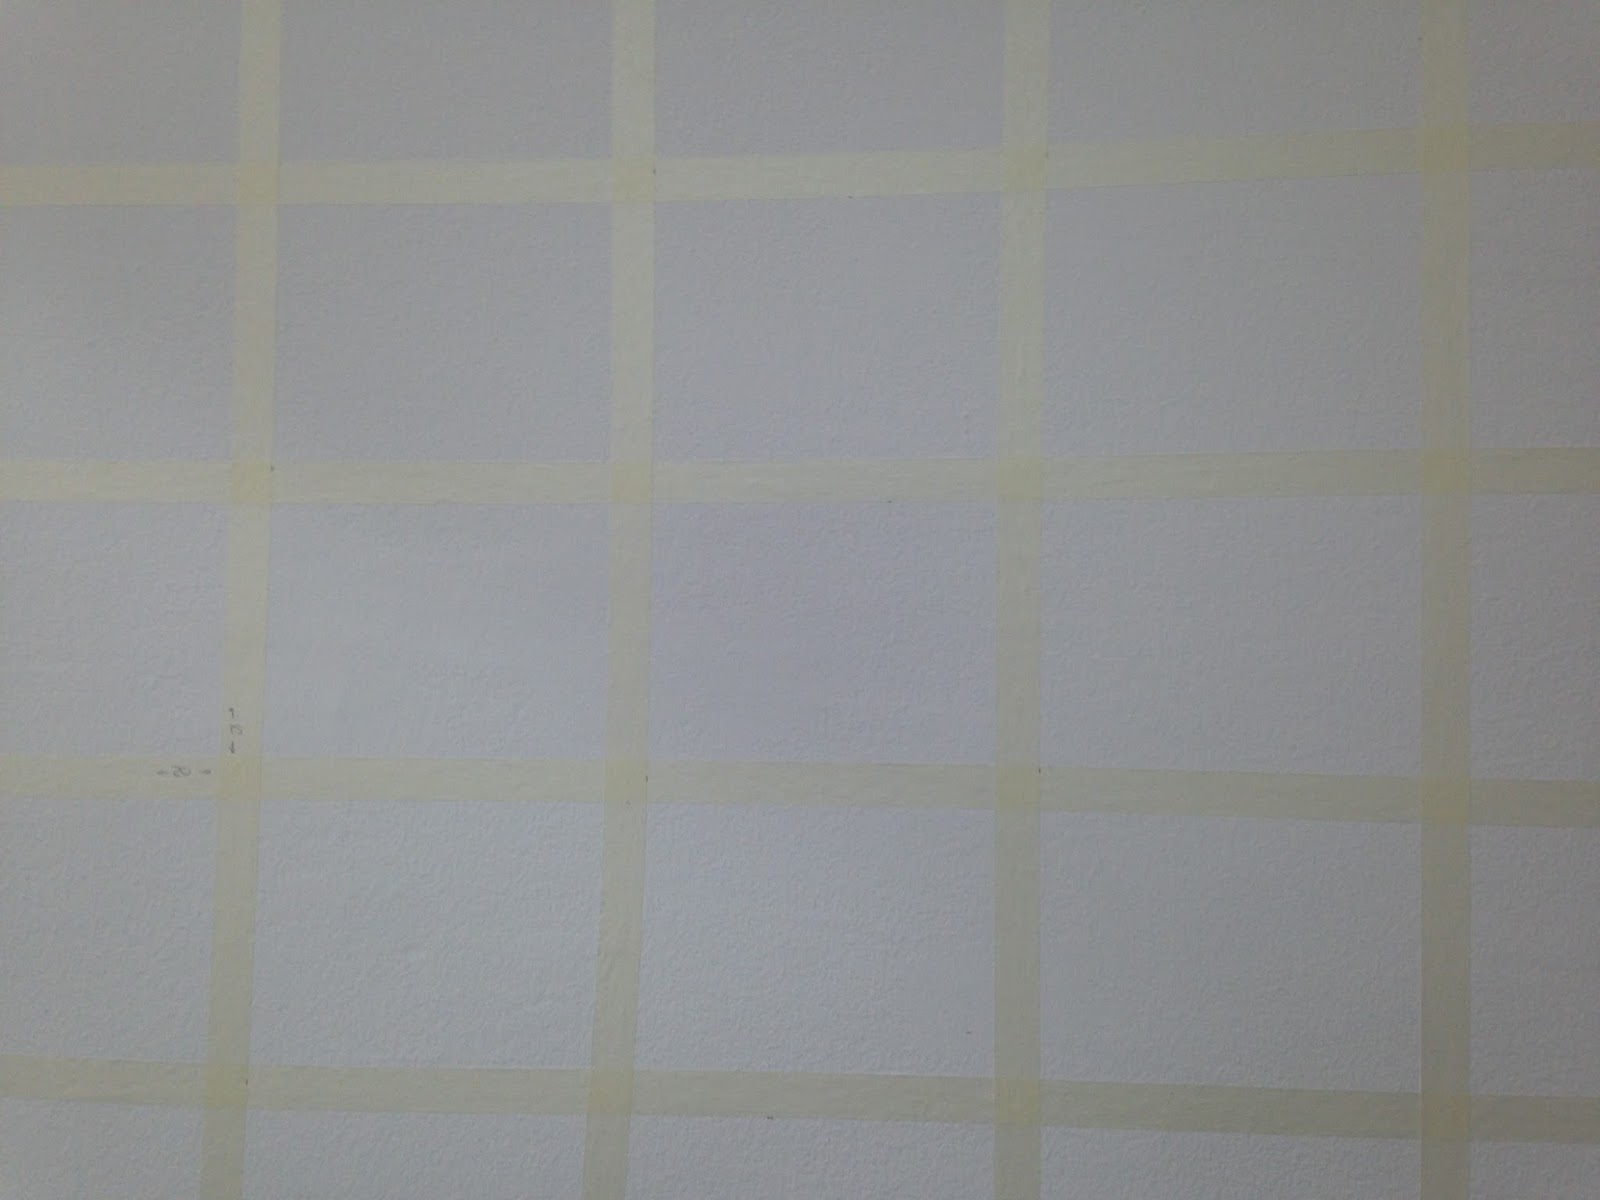 Tutorial para hacer un calendario con pintura chalkpaint pizarra en la pared